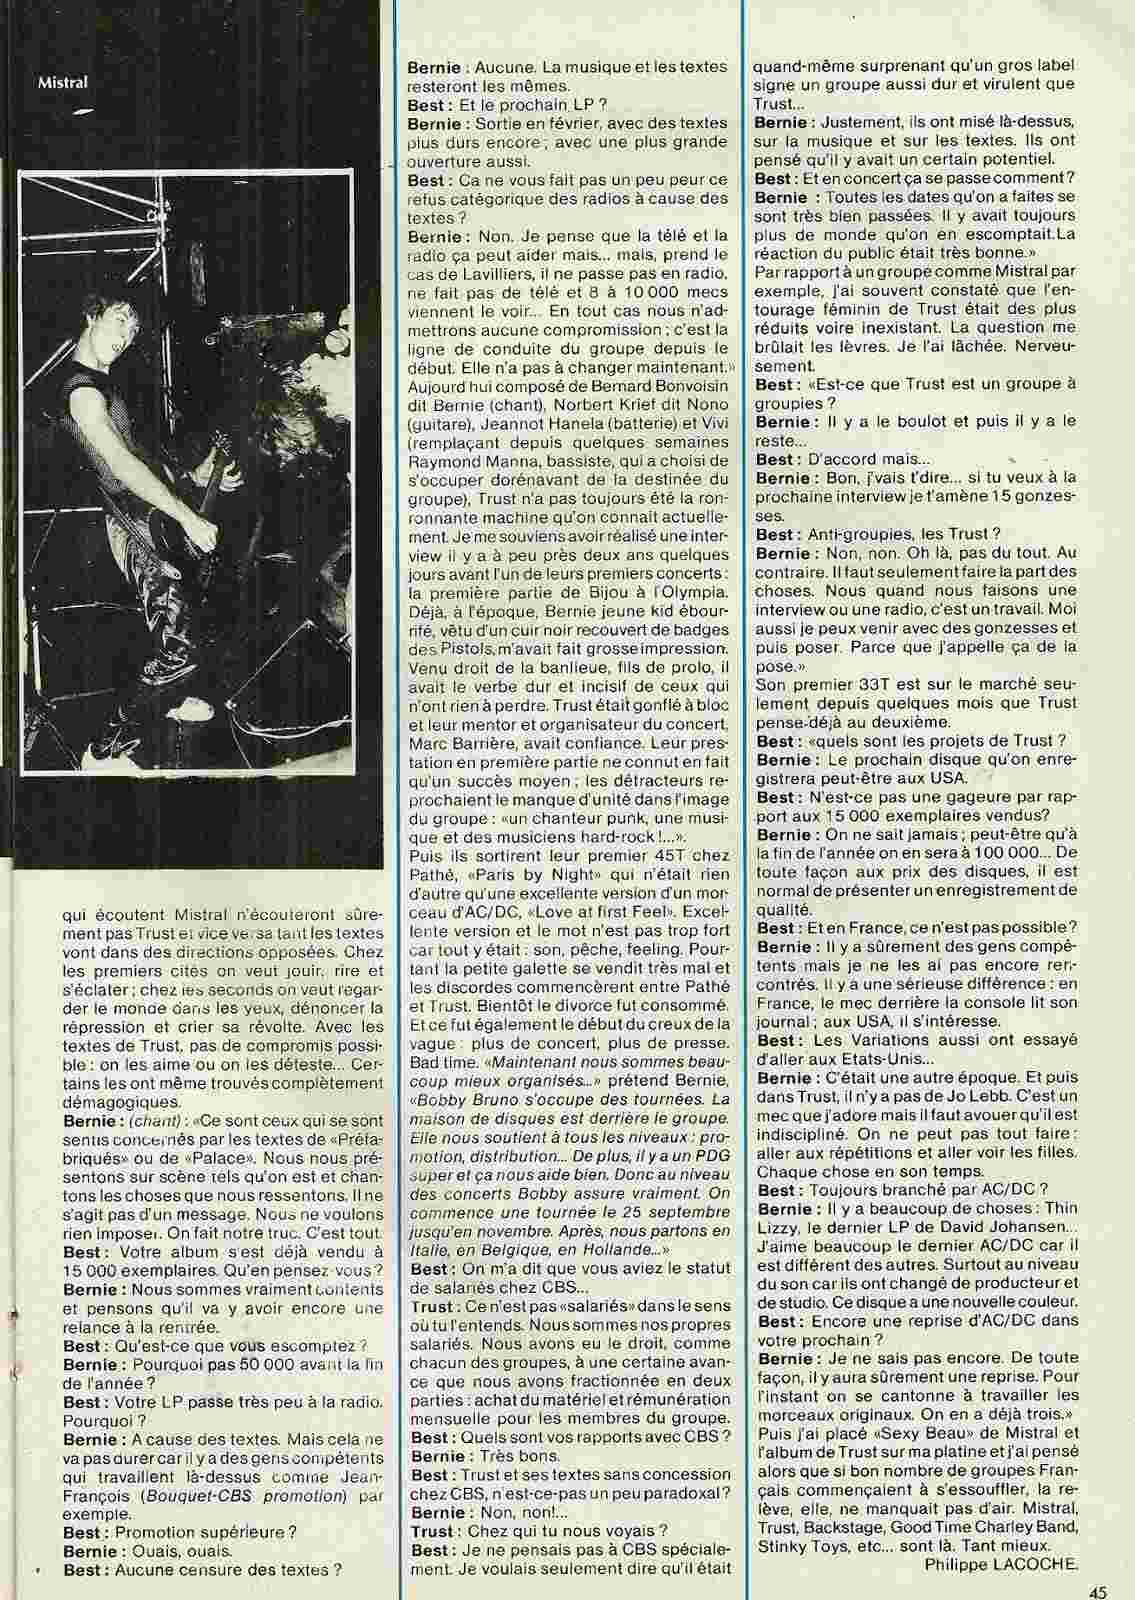 """Les Fils de l'Acier Mistral/Trust """"Best"""" octobre 1979 (Archive) Numyri28"""